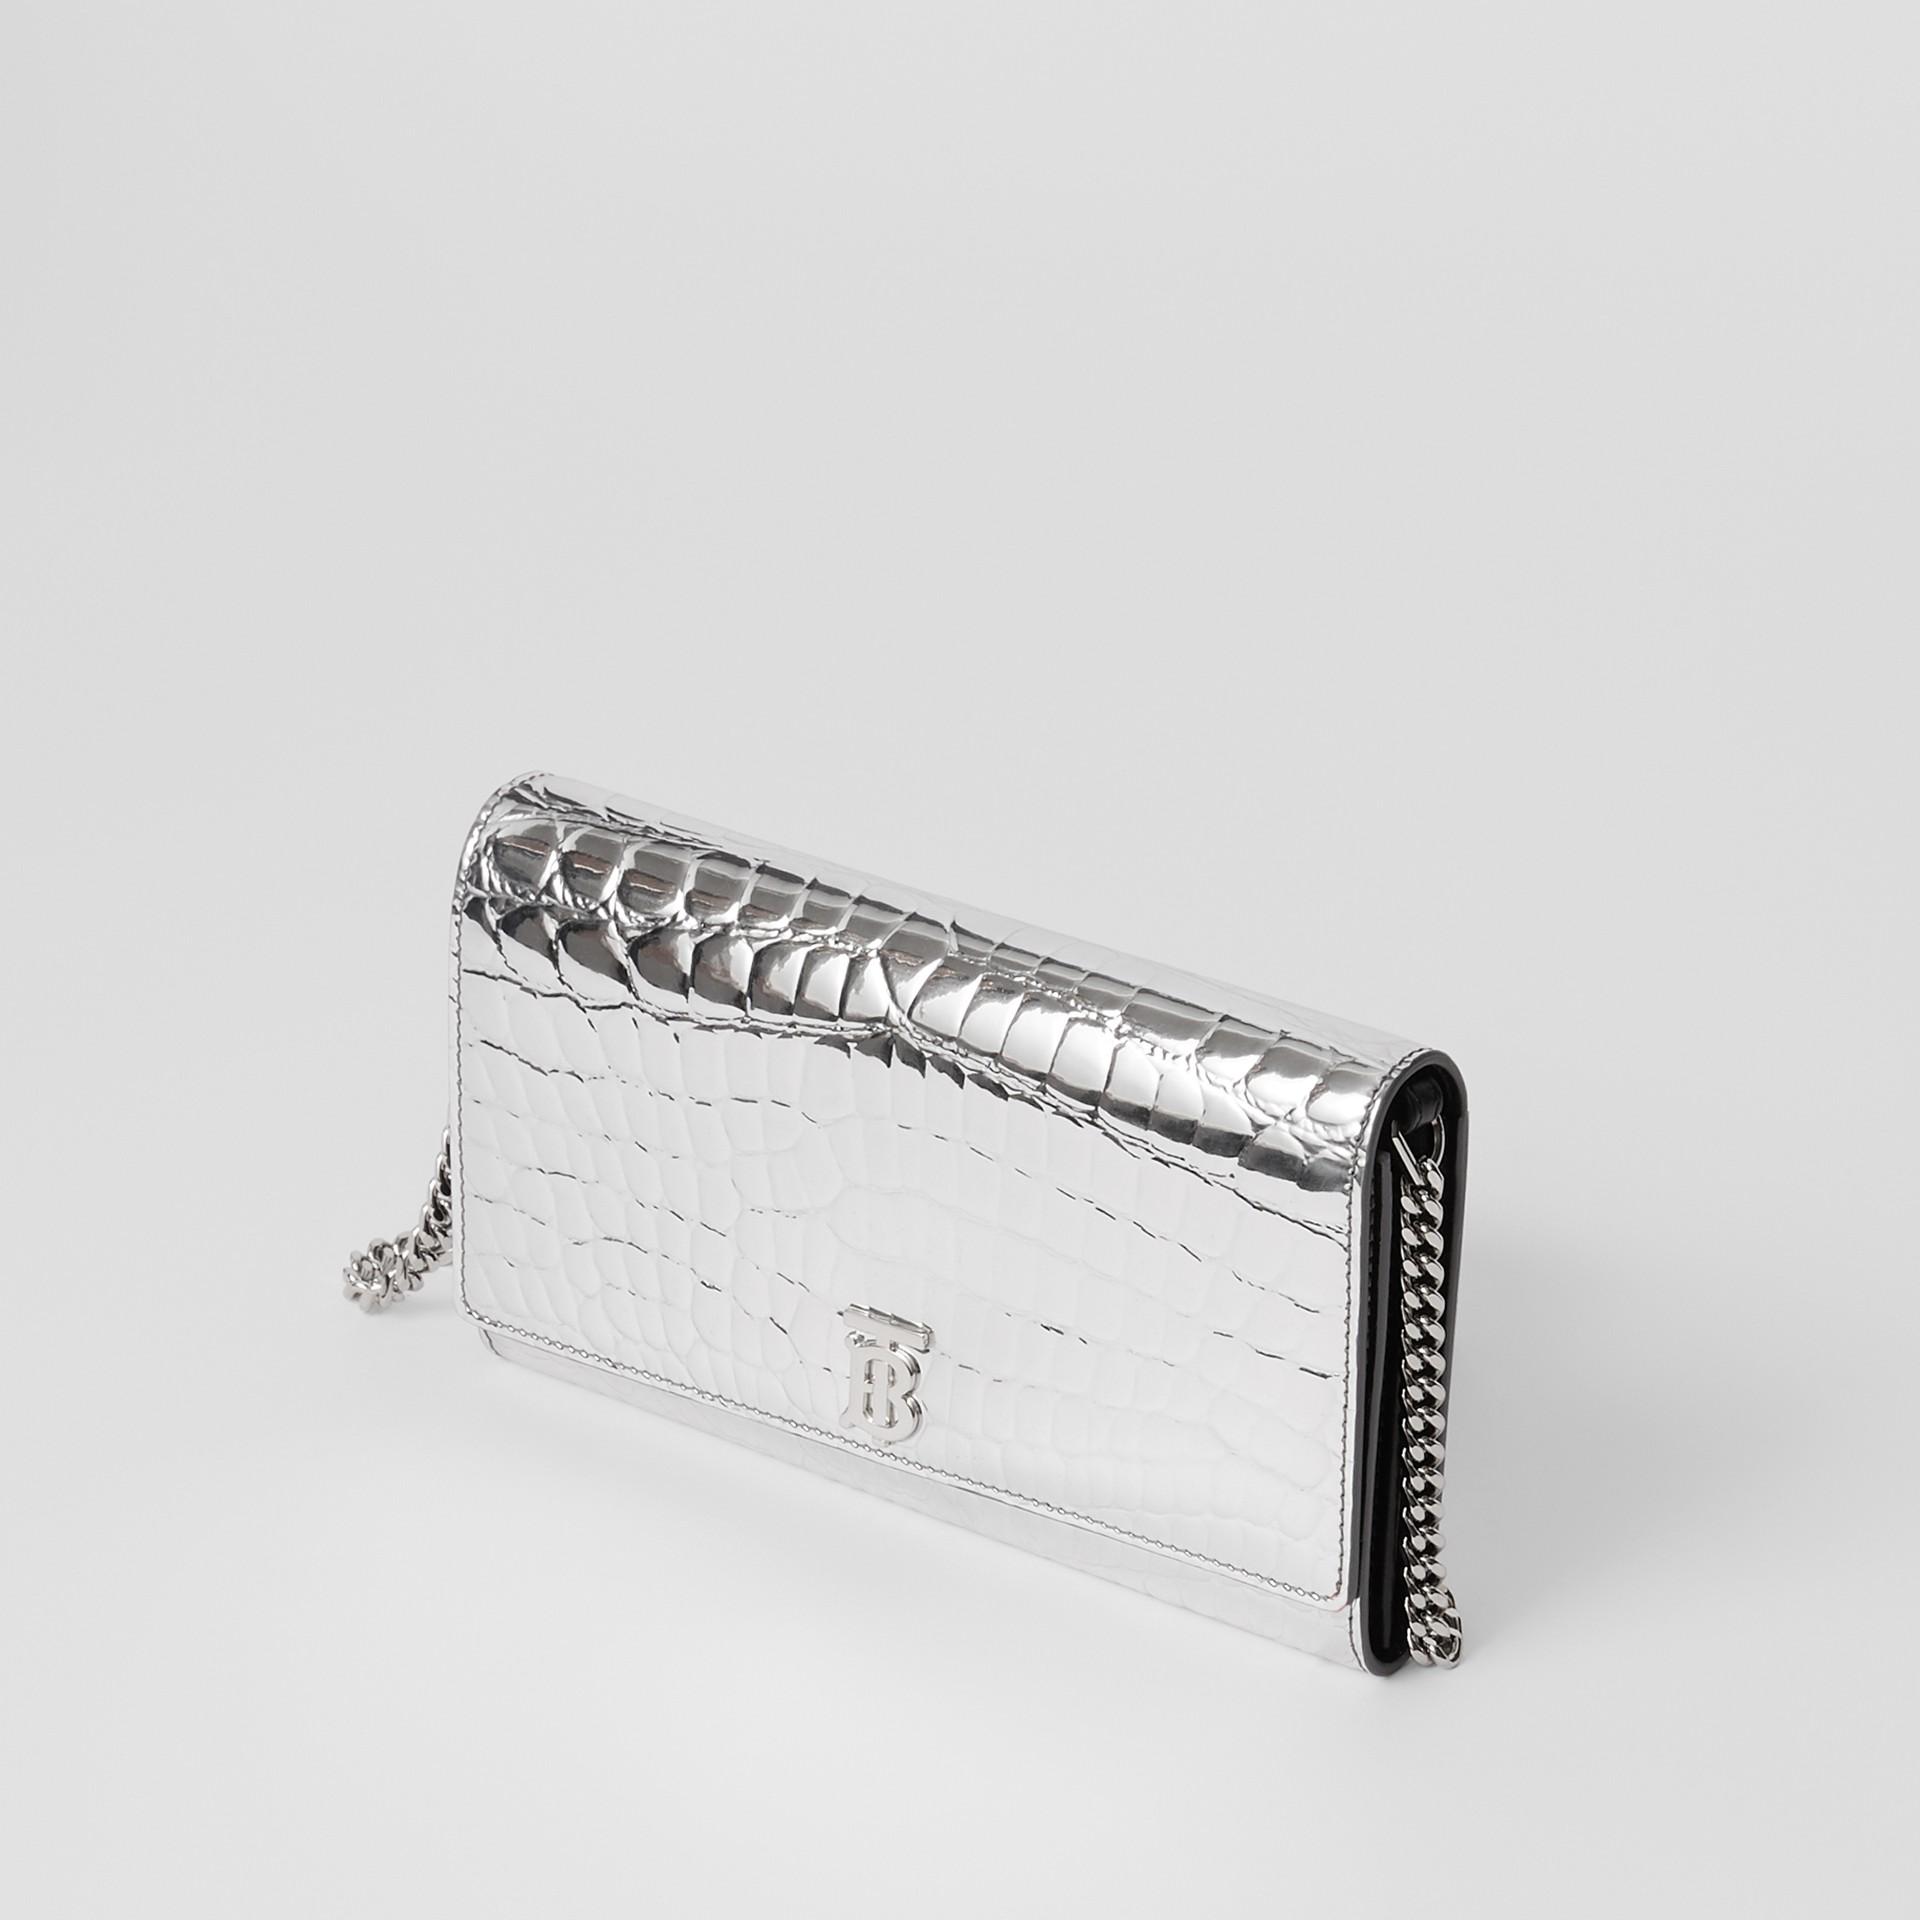 Portefeuille embossé métallisé avec sangle amovible (Argent) - Femme | Burberry - photo de la galerie 3